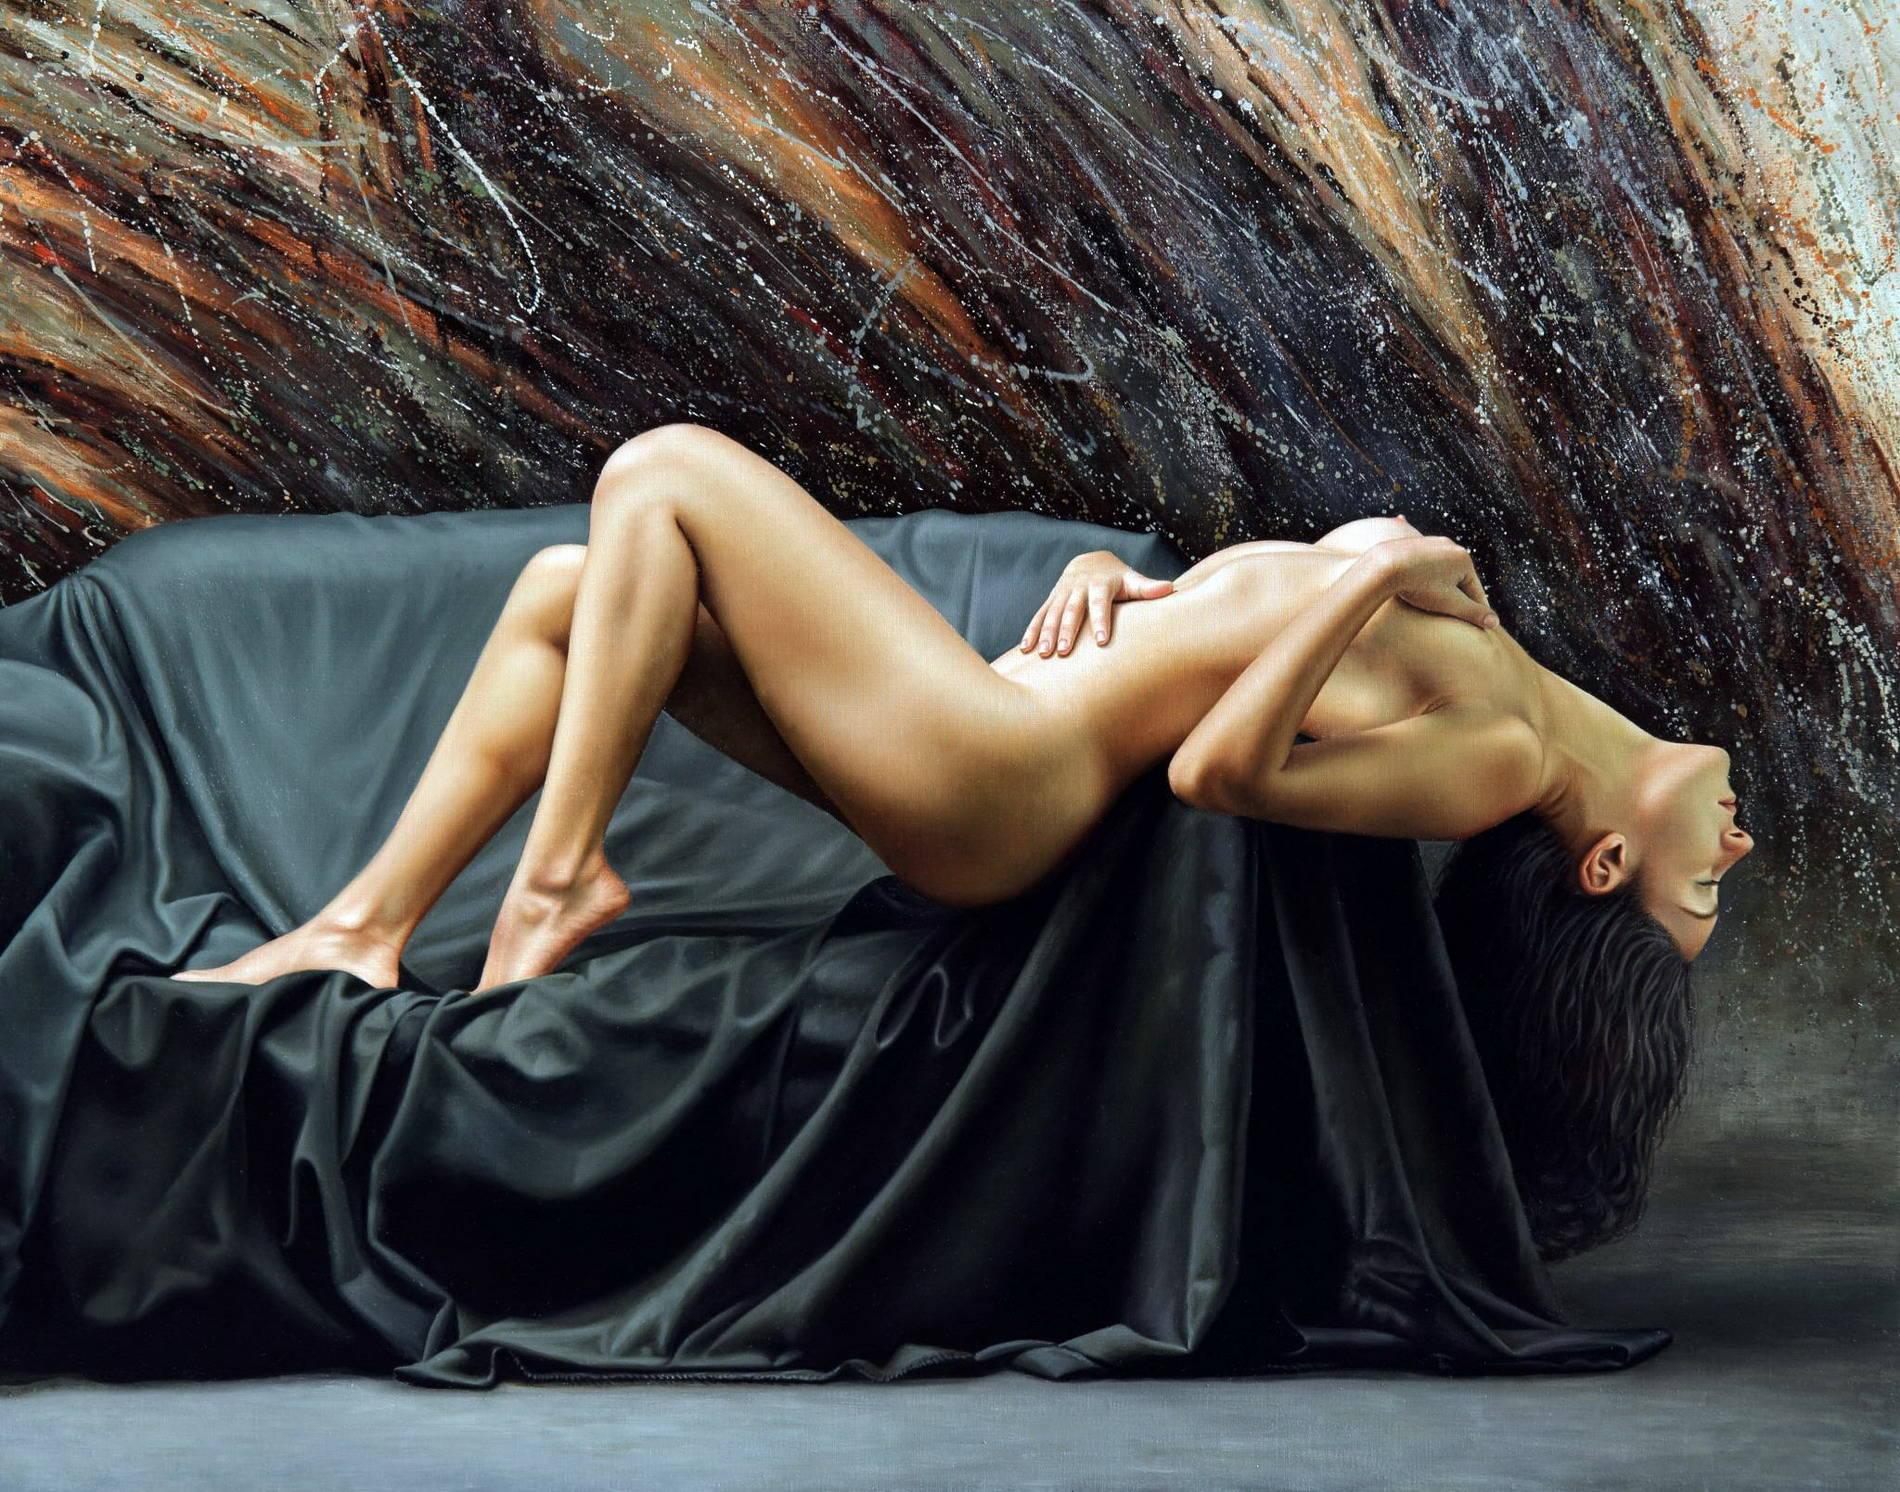 Художник рисует голую девушку 1 фотография